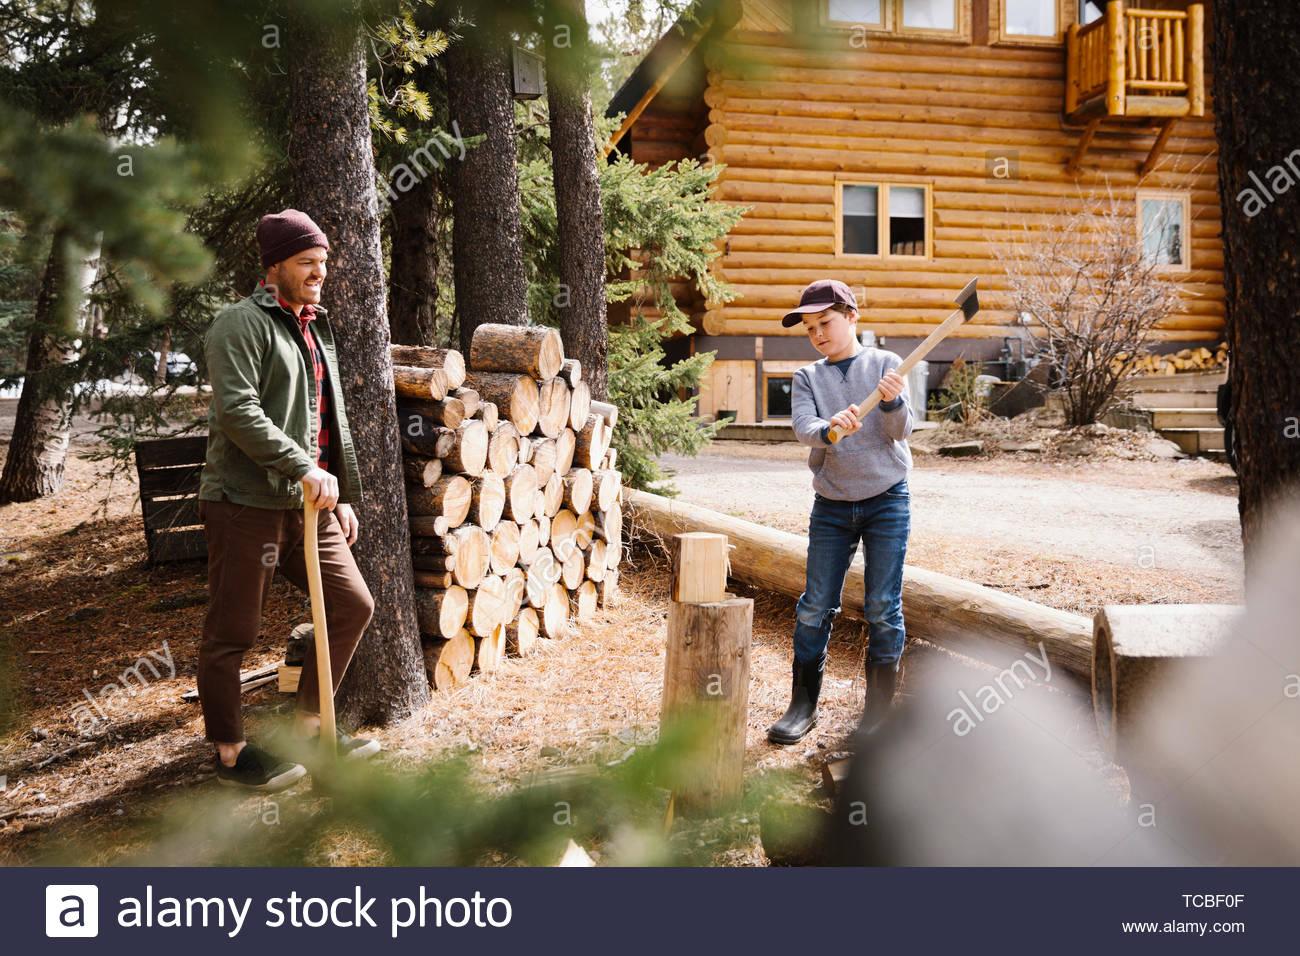 Vater lehre Sohn wie Brennholz aussen Kabine zu schneiden Stockbild